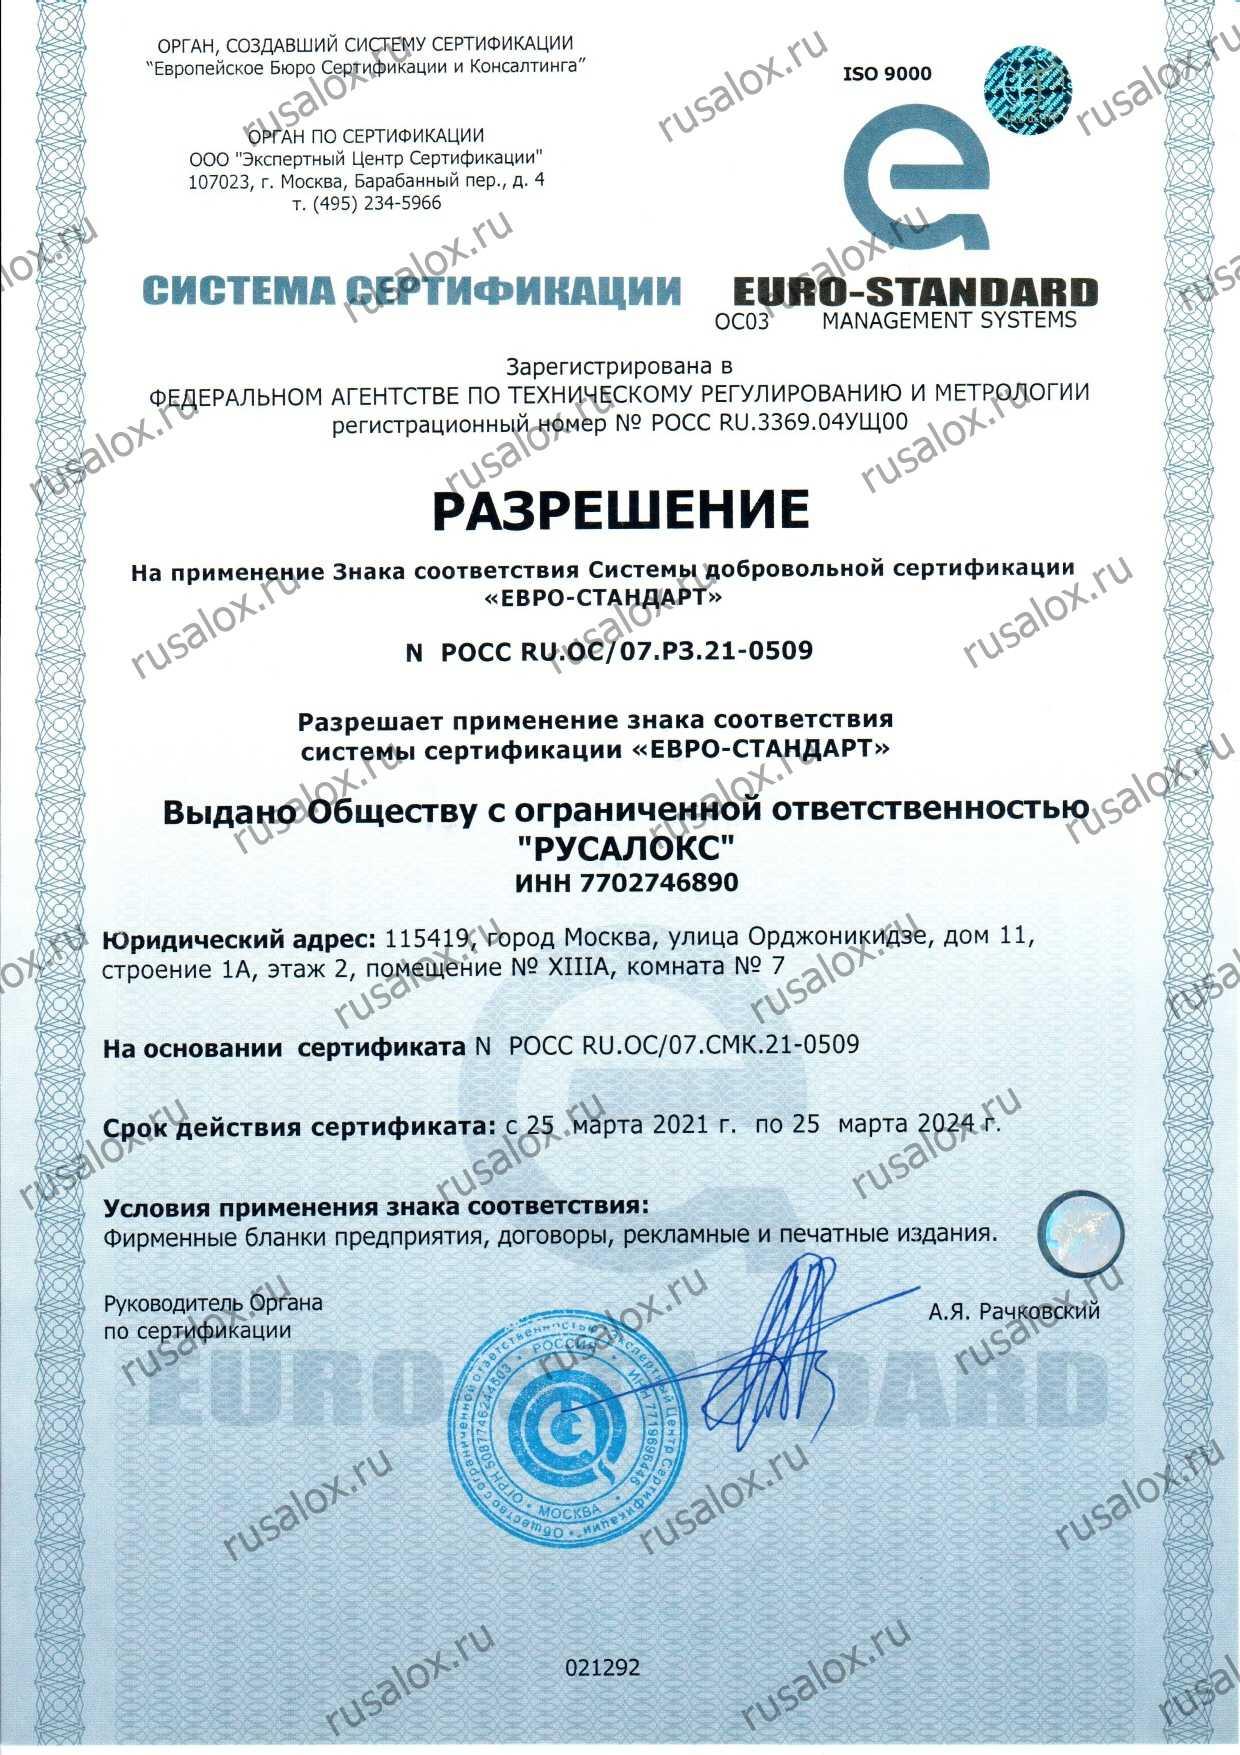 Разрешение на применения знака «ЕВРО-СТАНДАРТ»